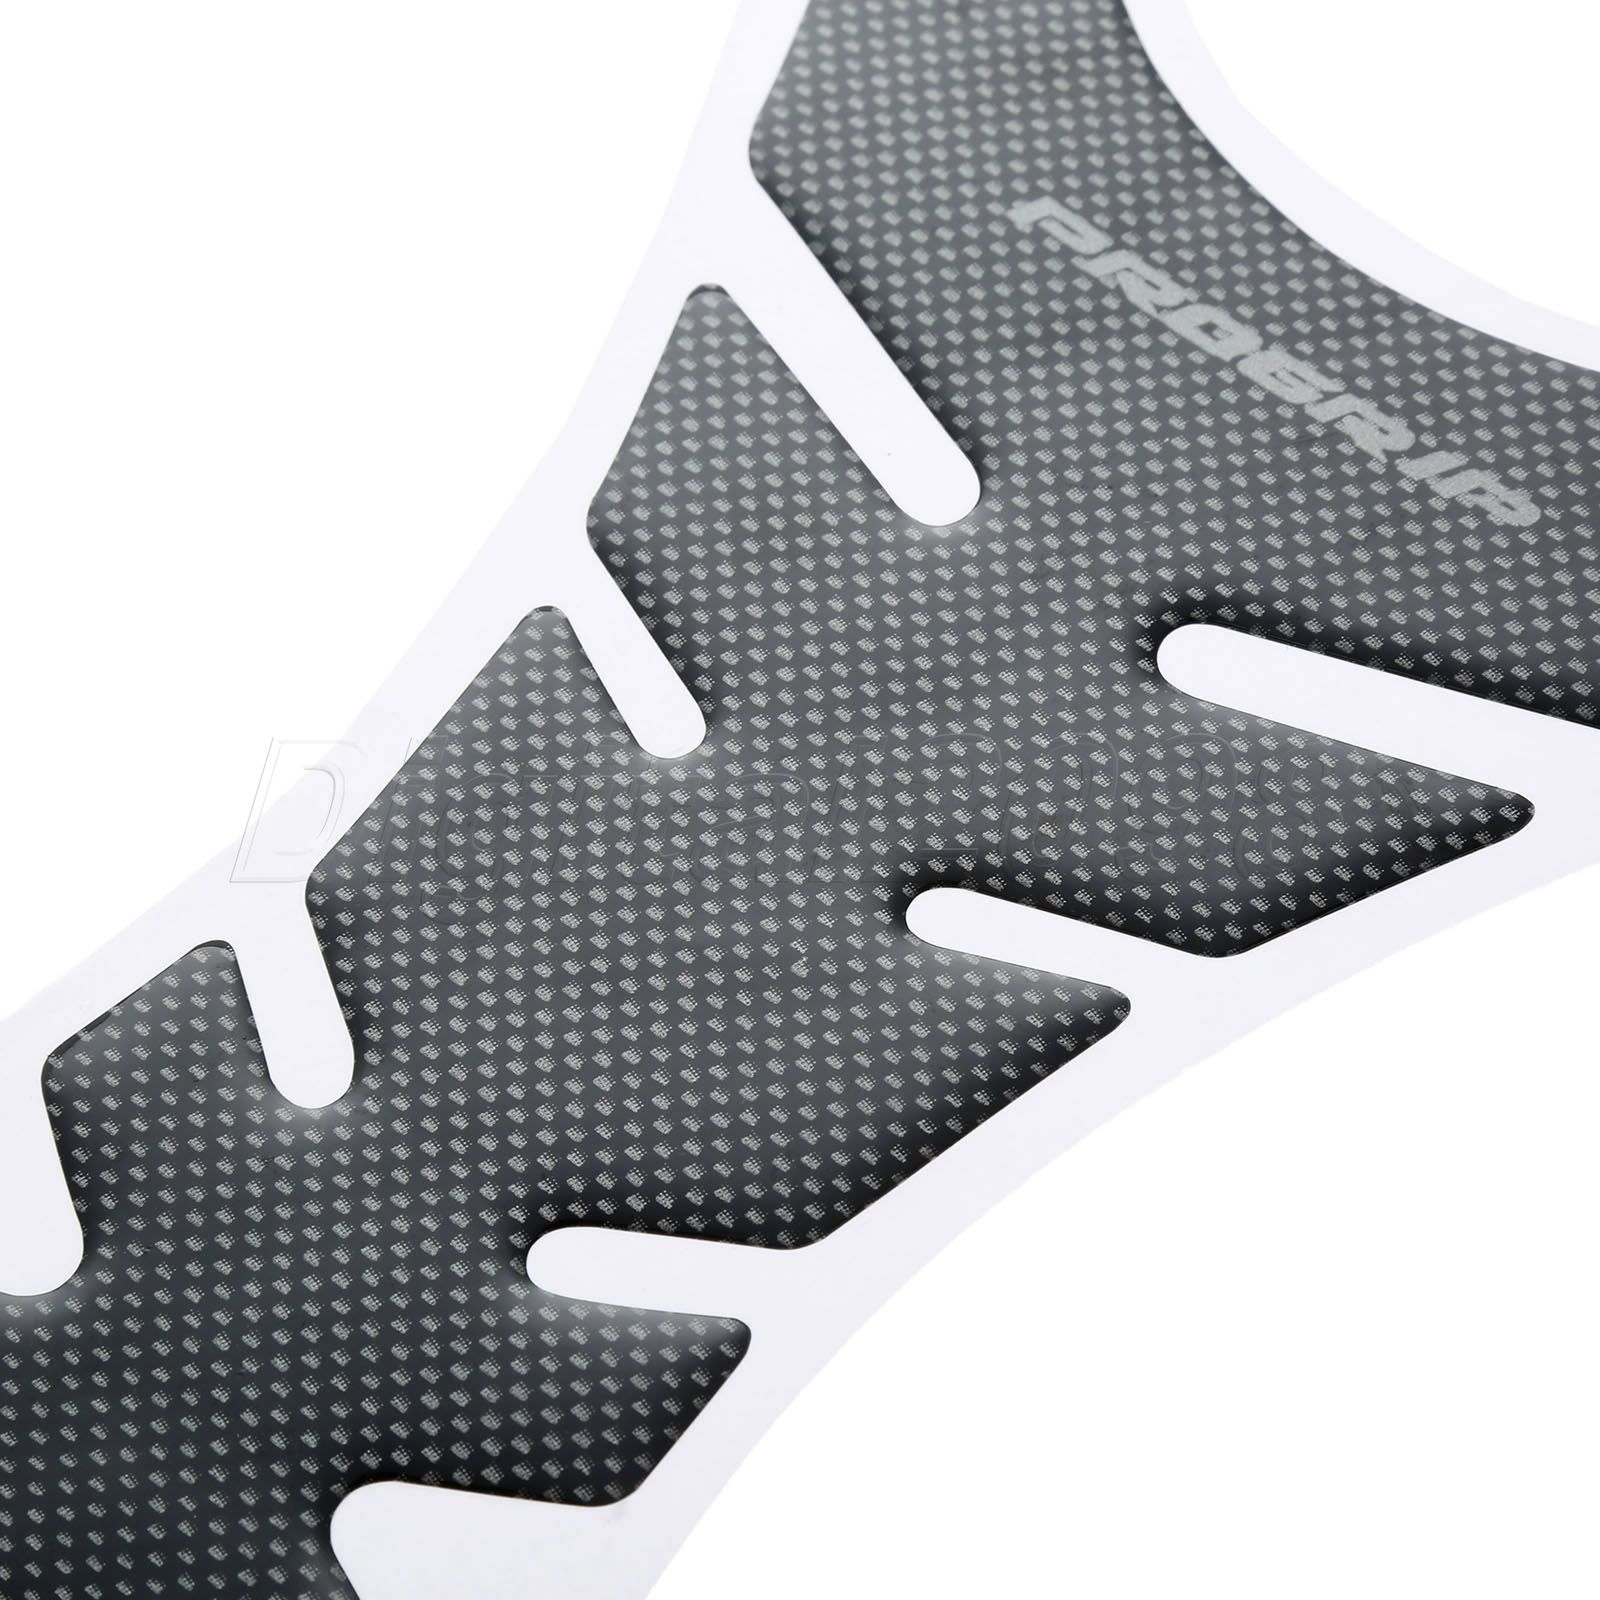 მოტოციკლი 3D ნახშირბადის - მოტოციკლეტის ნაწილები და აქსესუარები - ფოტო 5